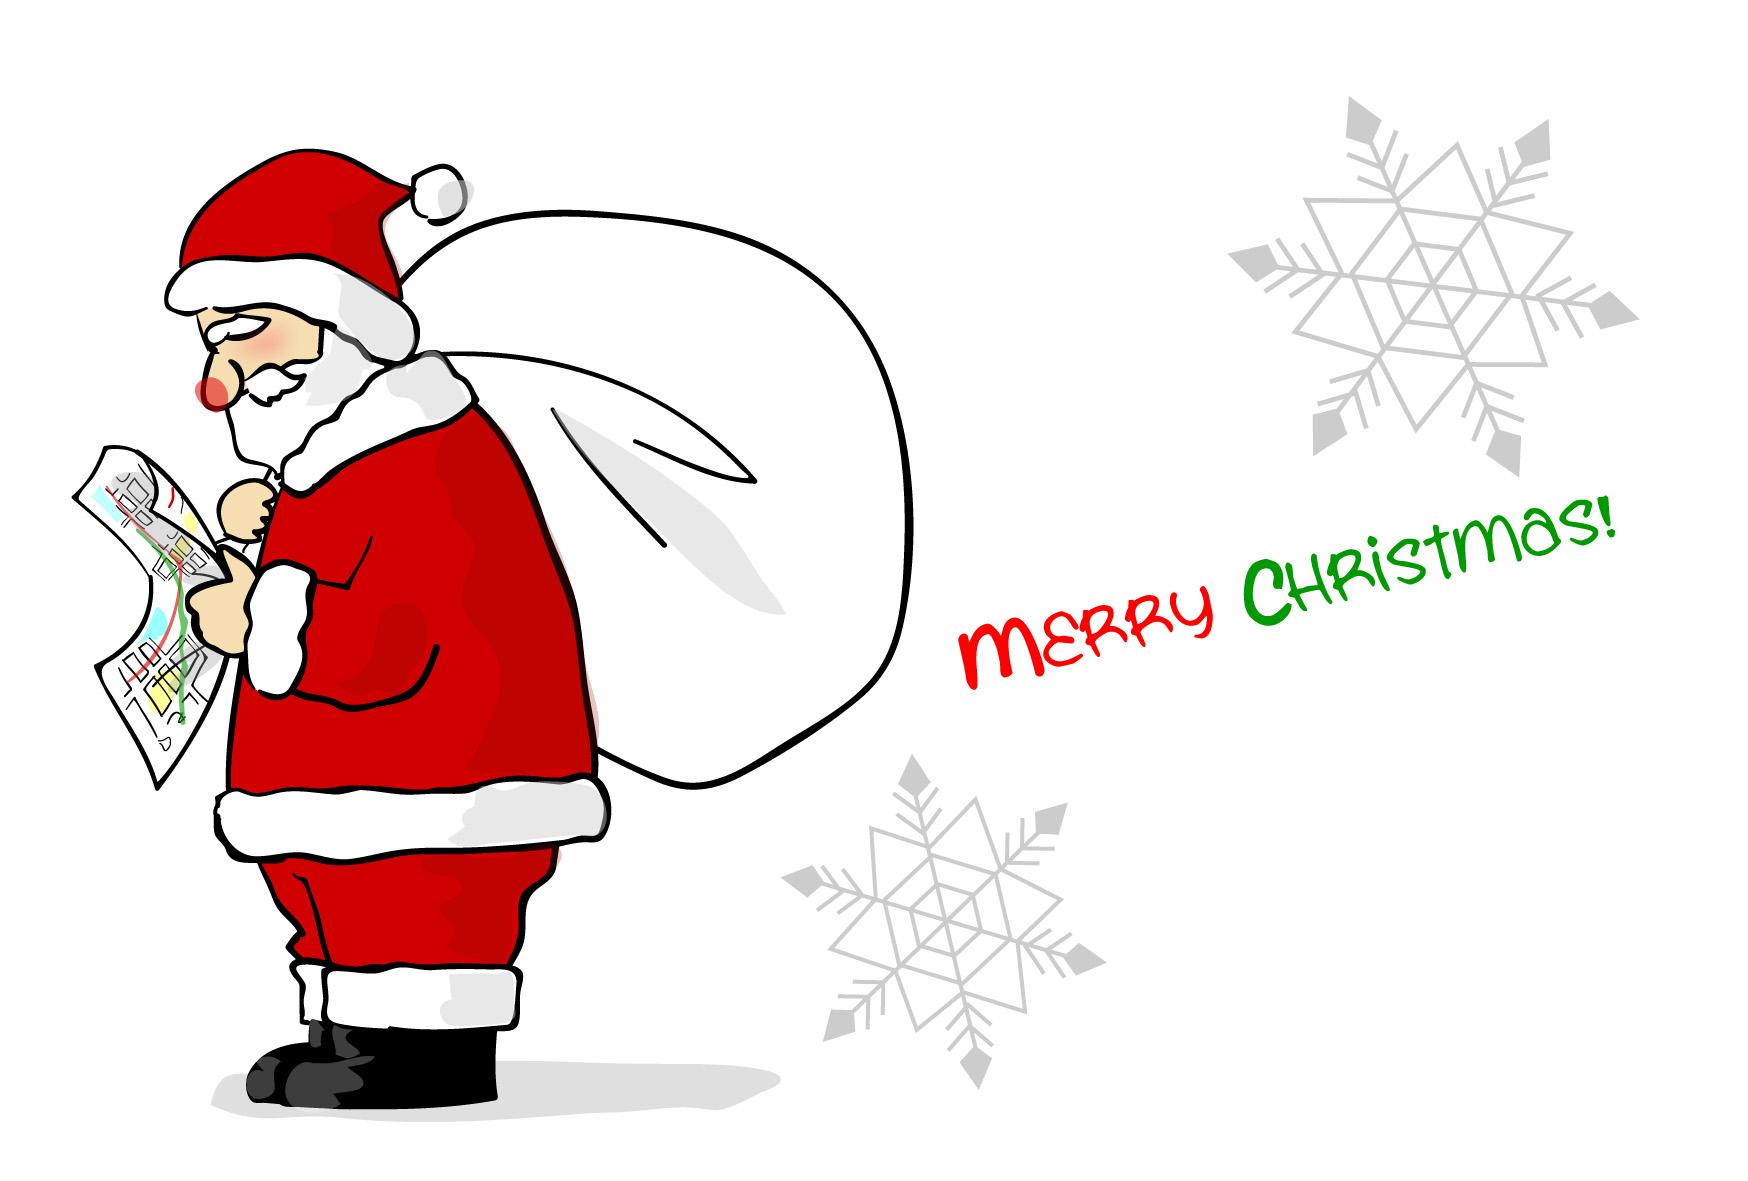 クリスマスのはがき・地図を見るサンタクロース-ダウンロード|かわいい